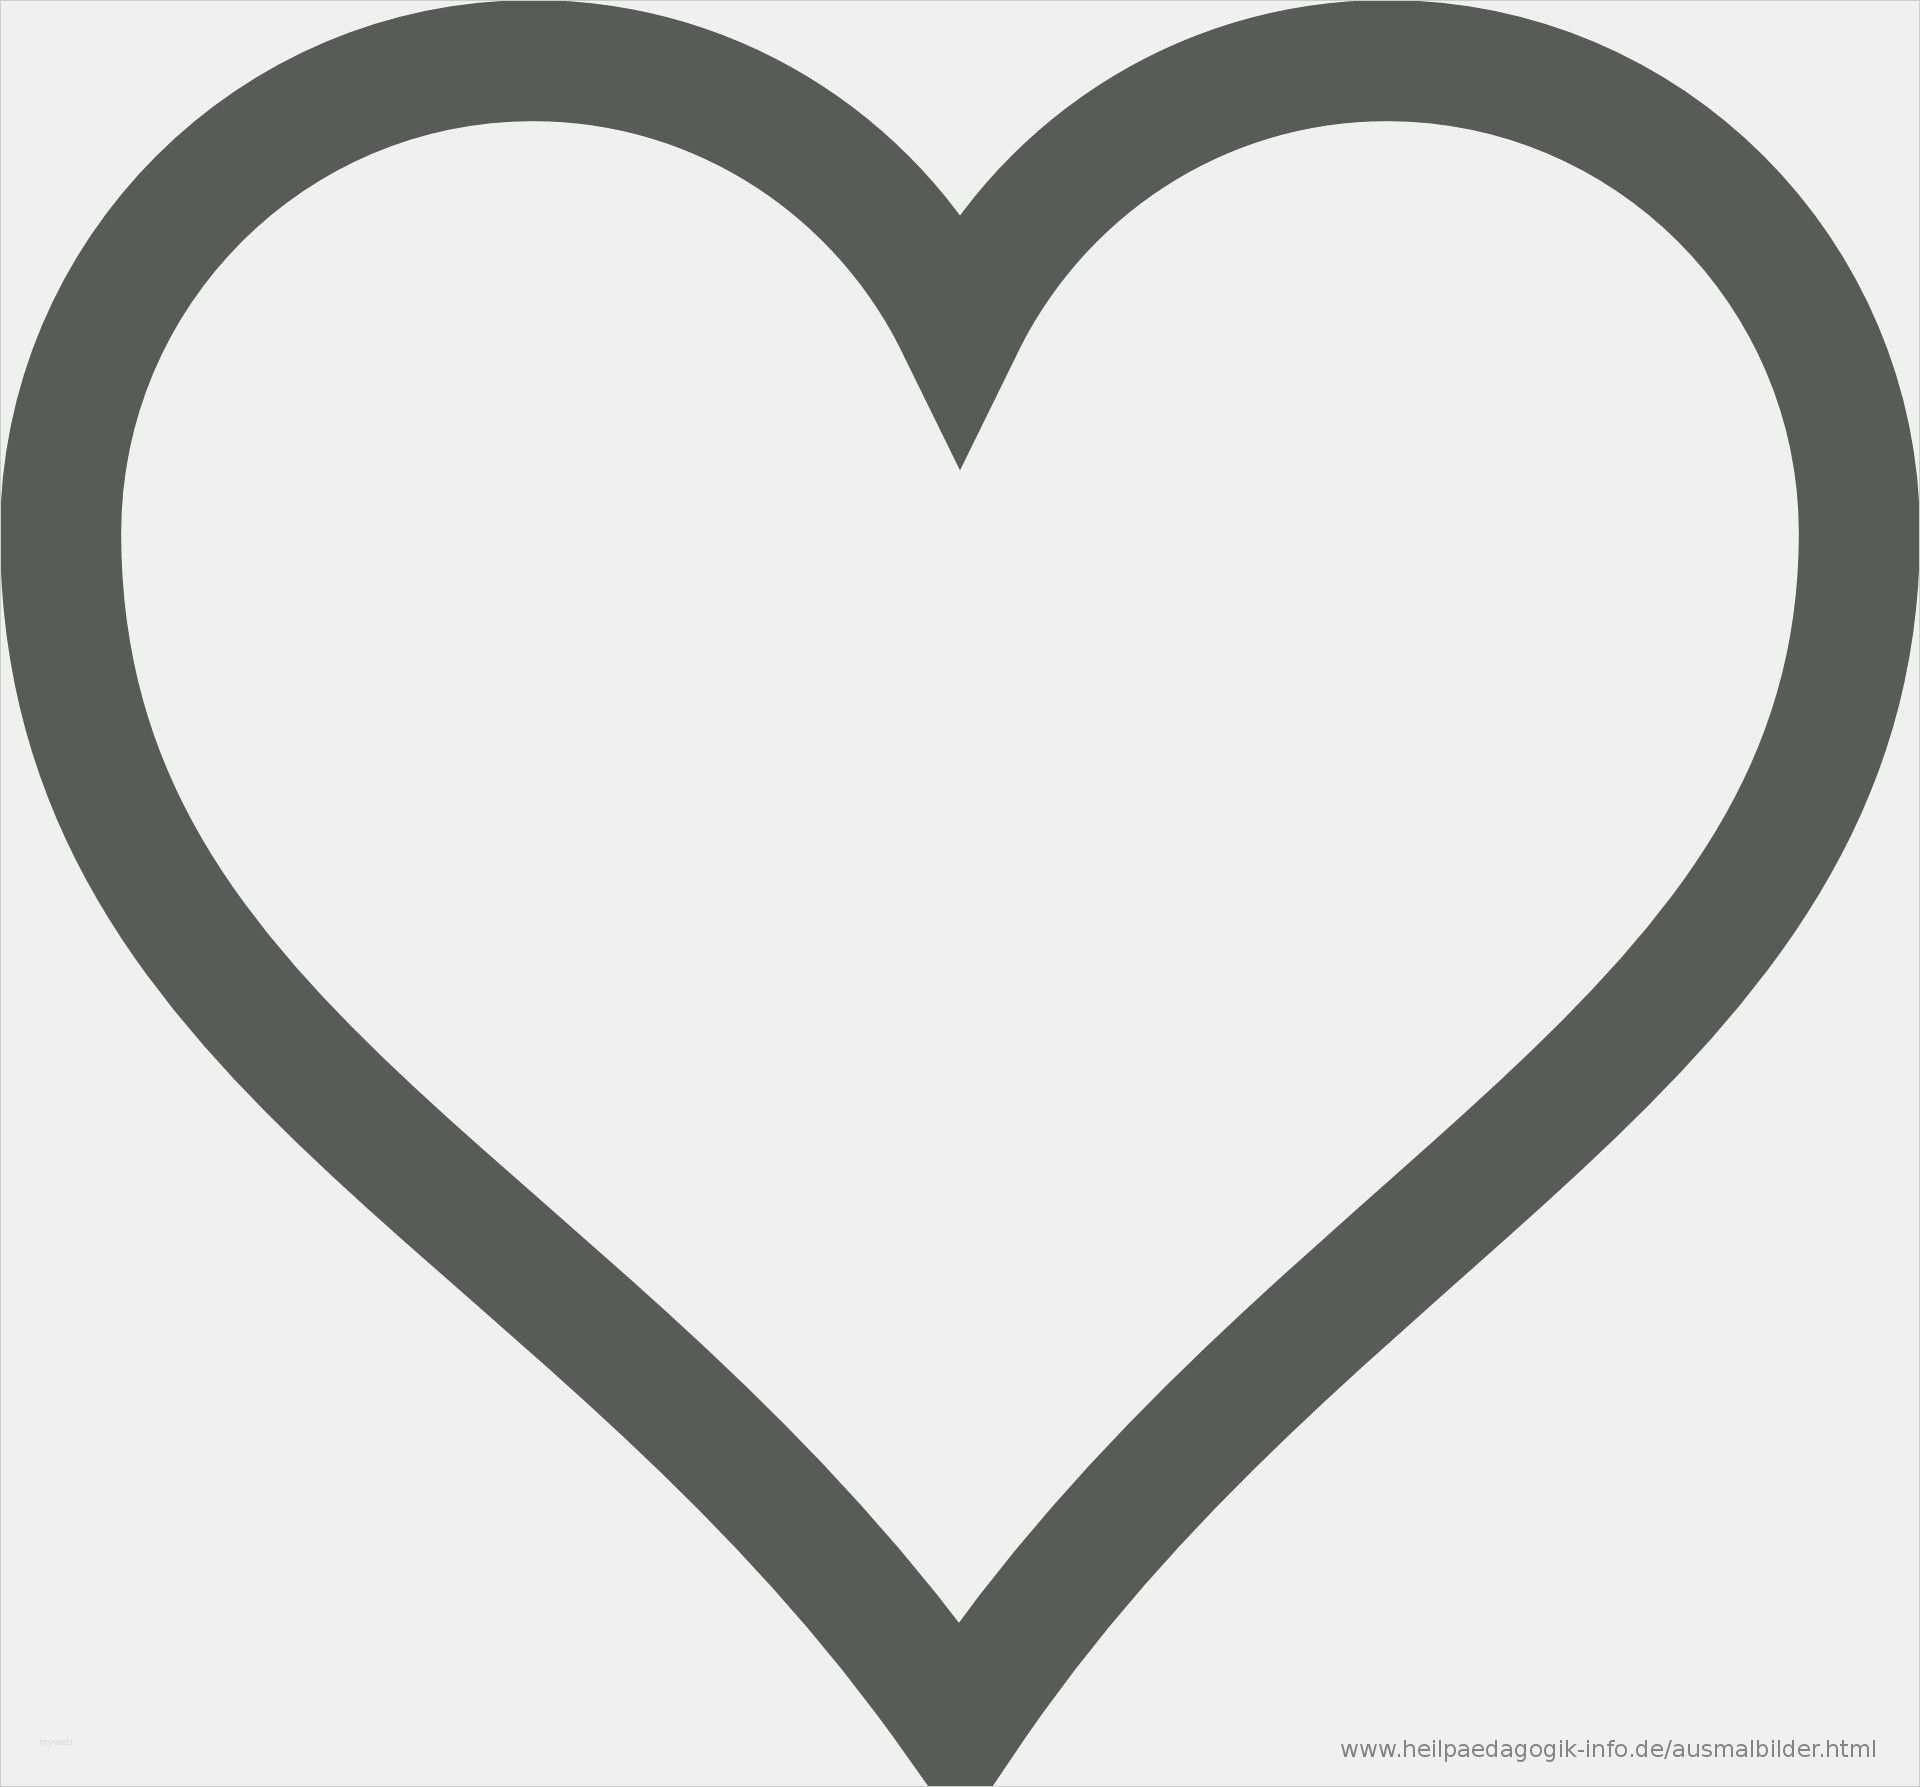 Neu Verschlungene Herzen Vorlage Farbung Malvorlagen Malvorlagenfurkinder Herz Vorlage Herz Ausmalbild Ausdrucken